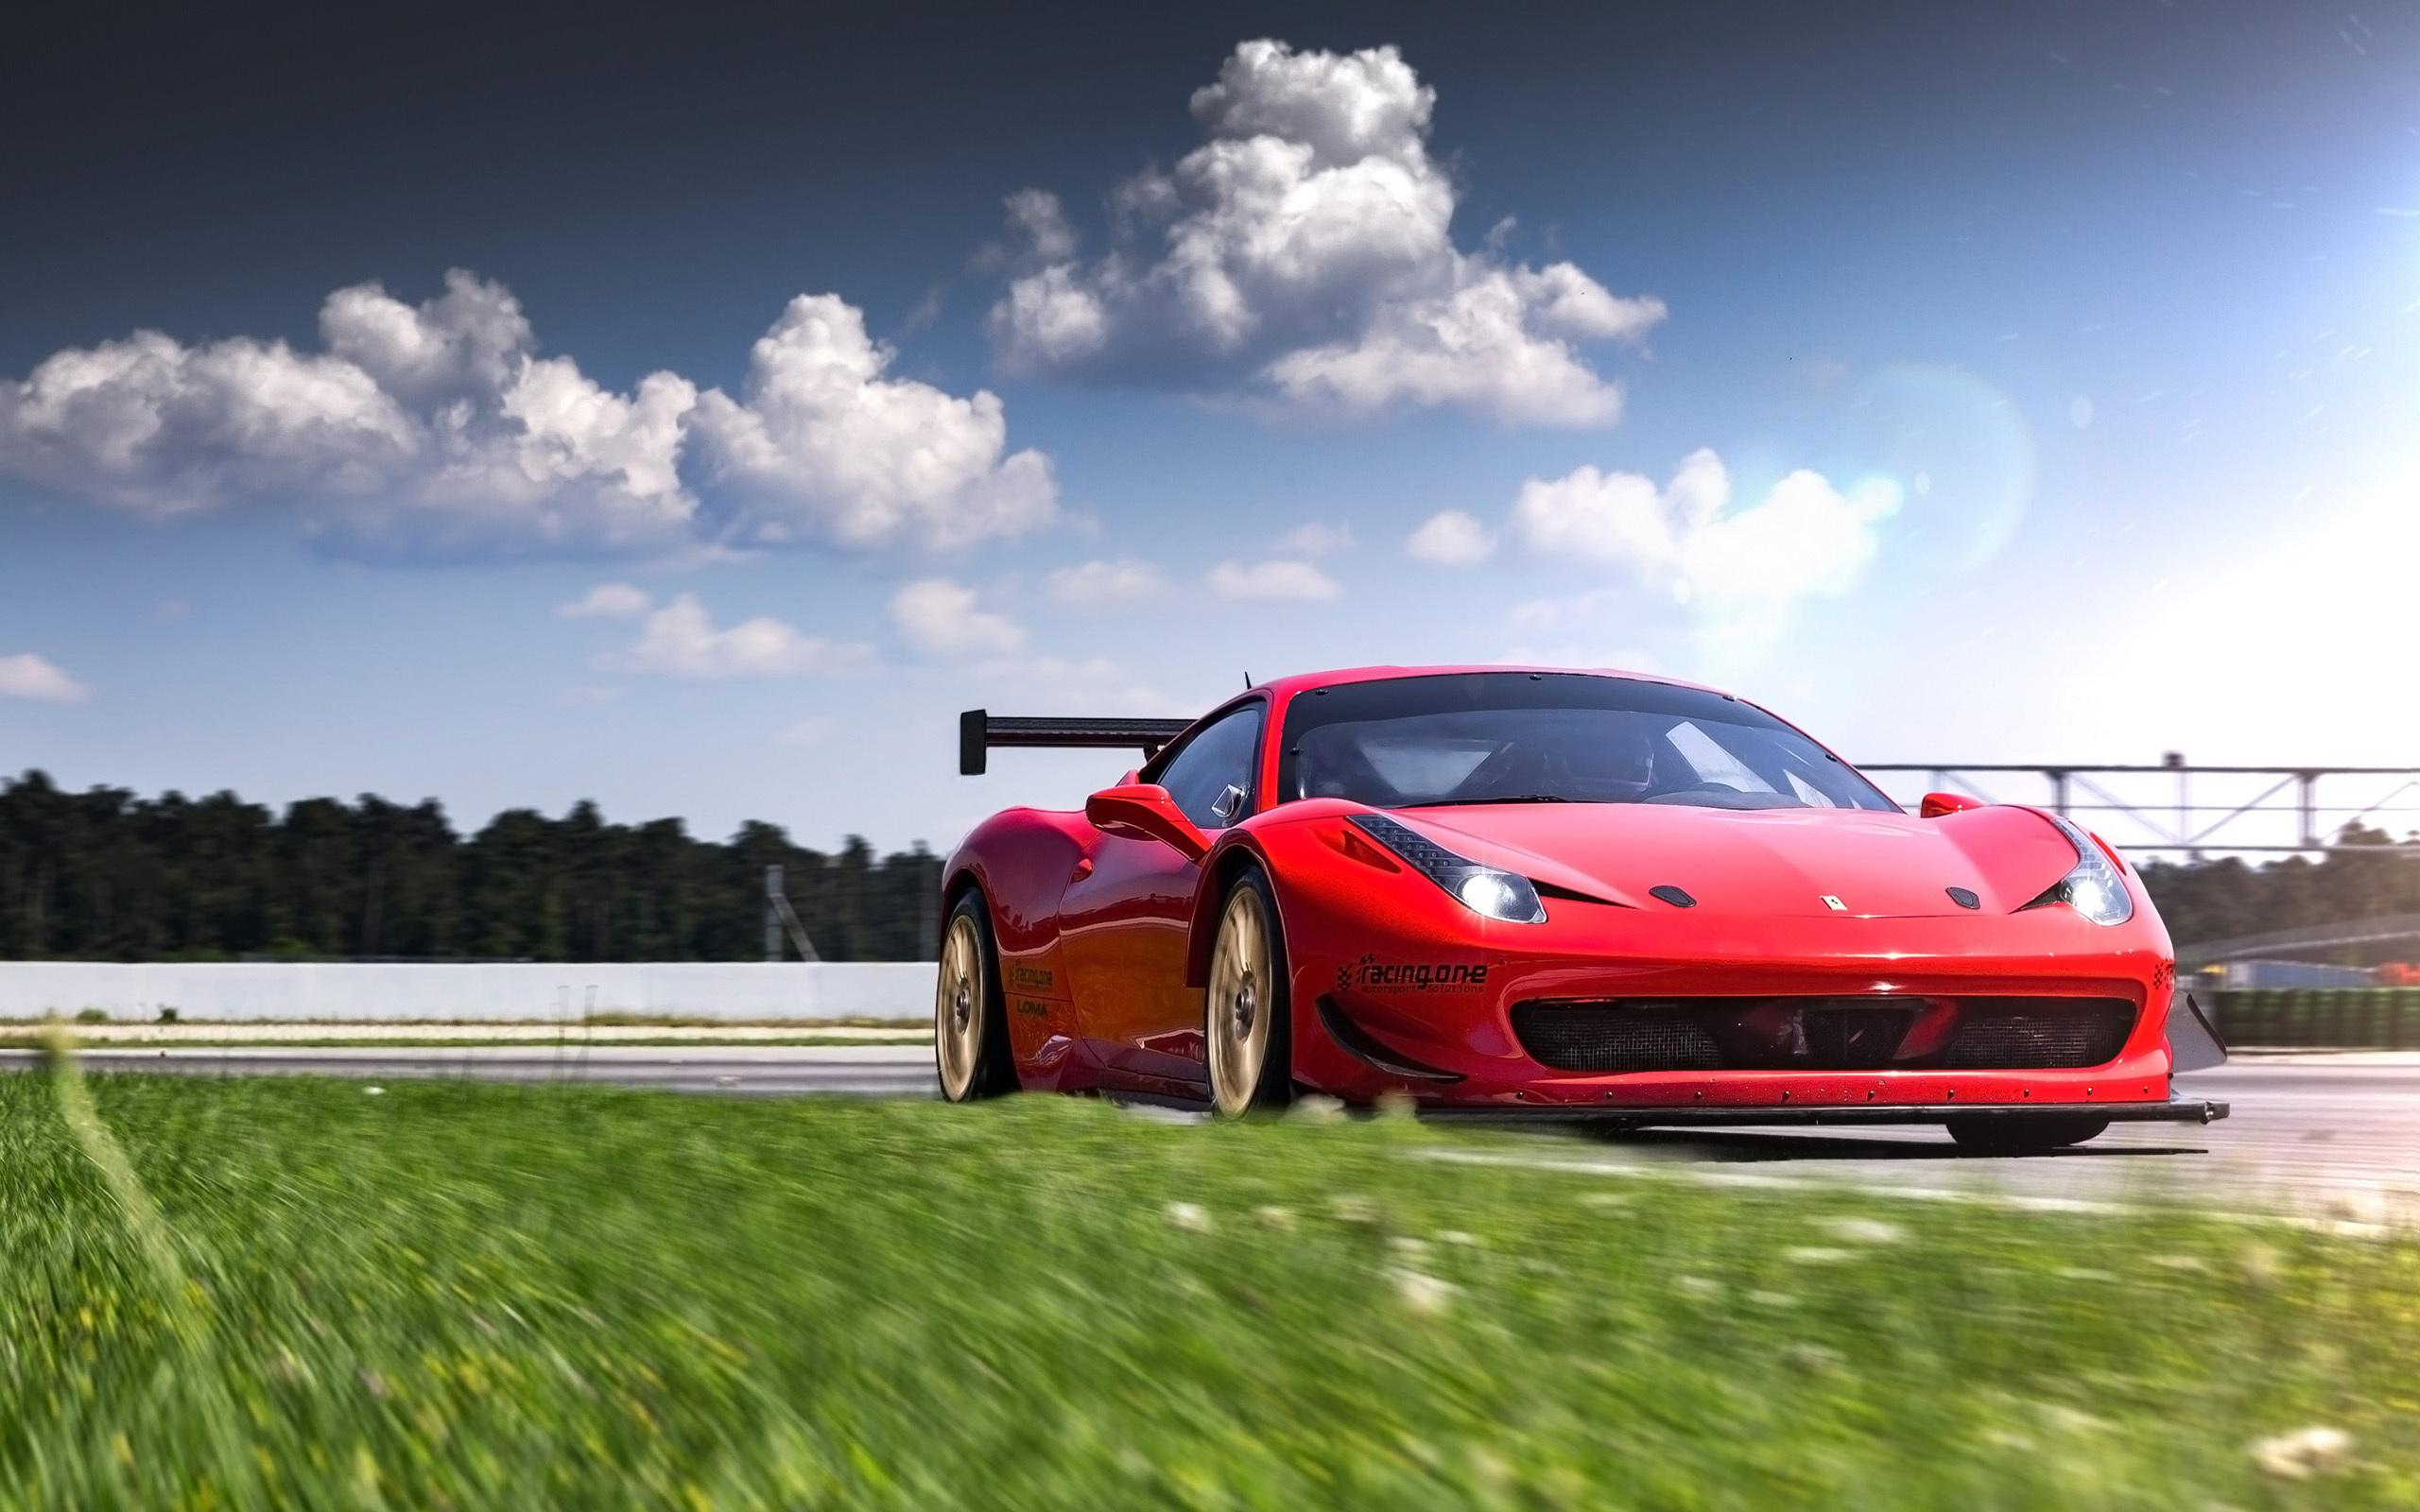 2560x1600 Ferrari 458 Sports Racing 2560x1600 Resolution Hd 4k